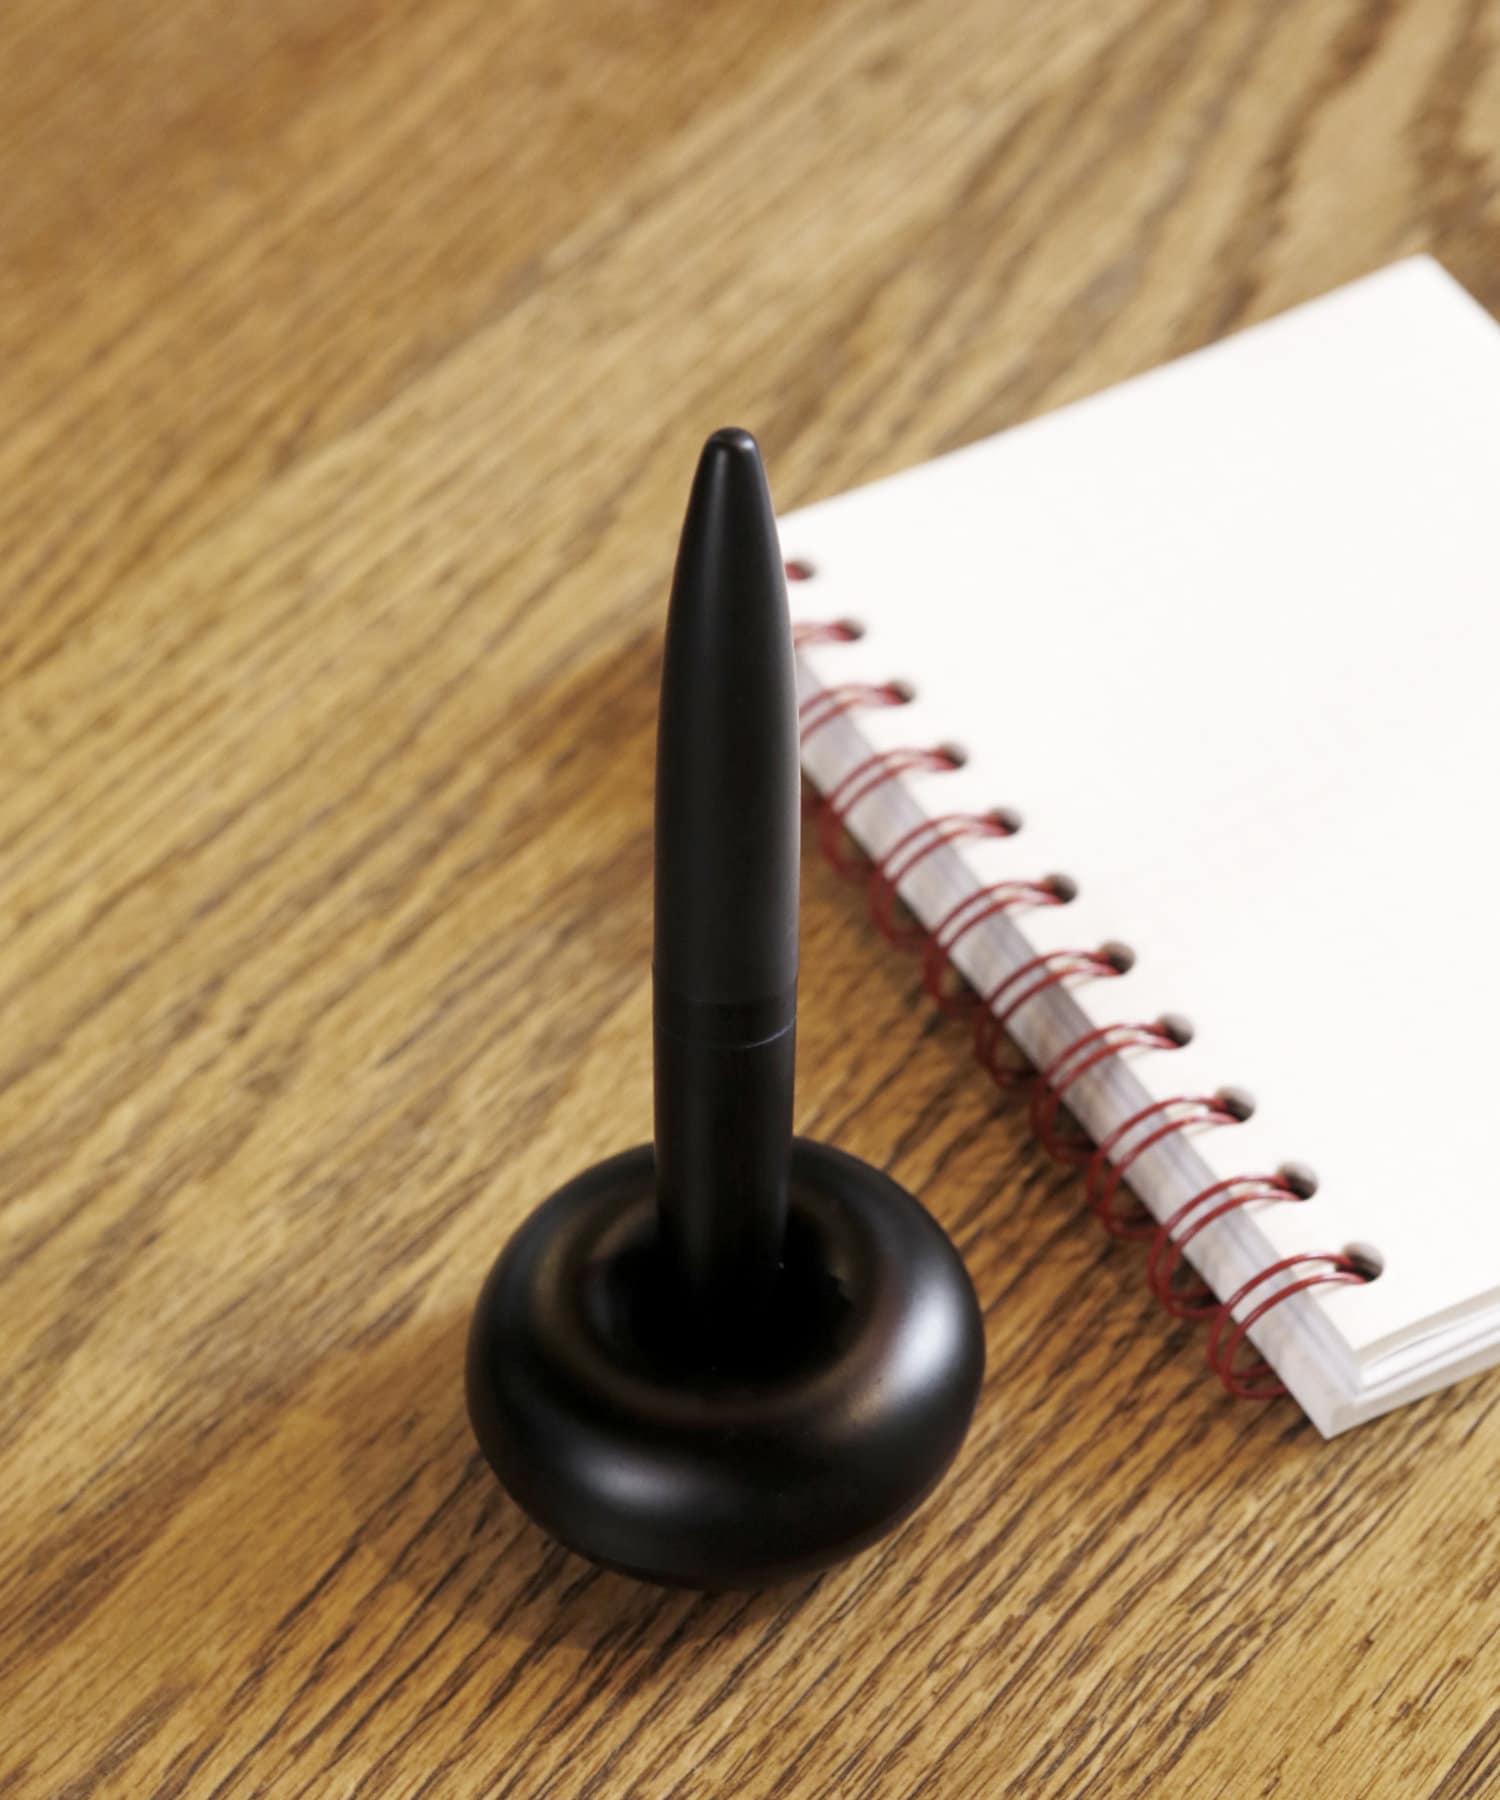 ASOKO(アソコ) ライフスタイル 丸スタンド付きボールペン ブラック